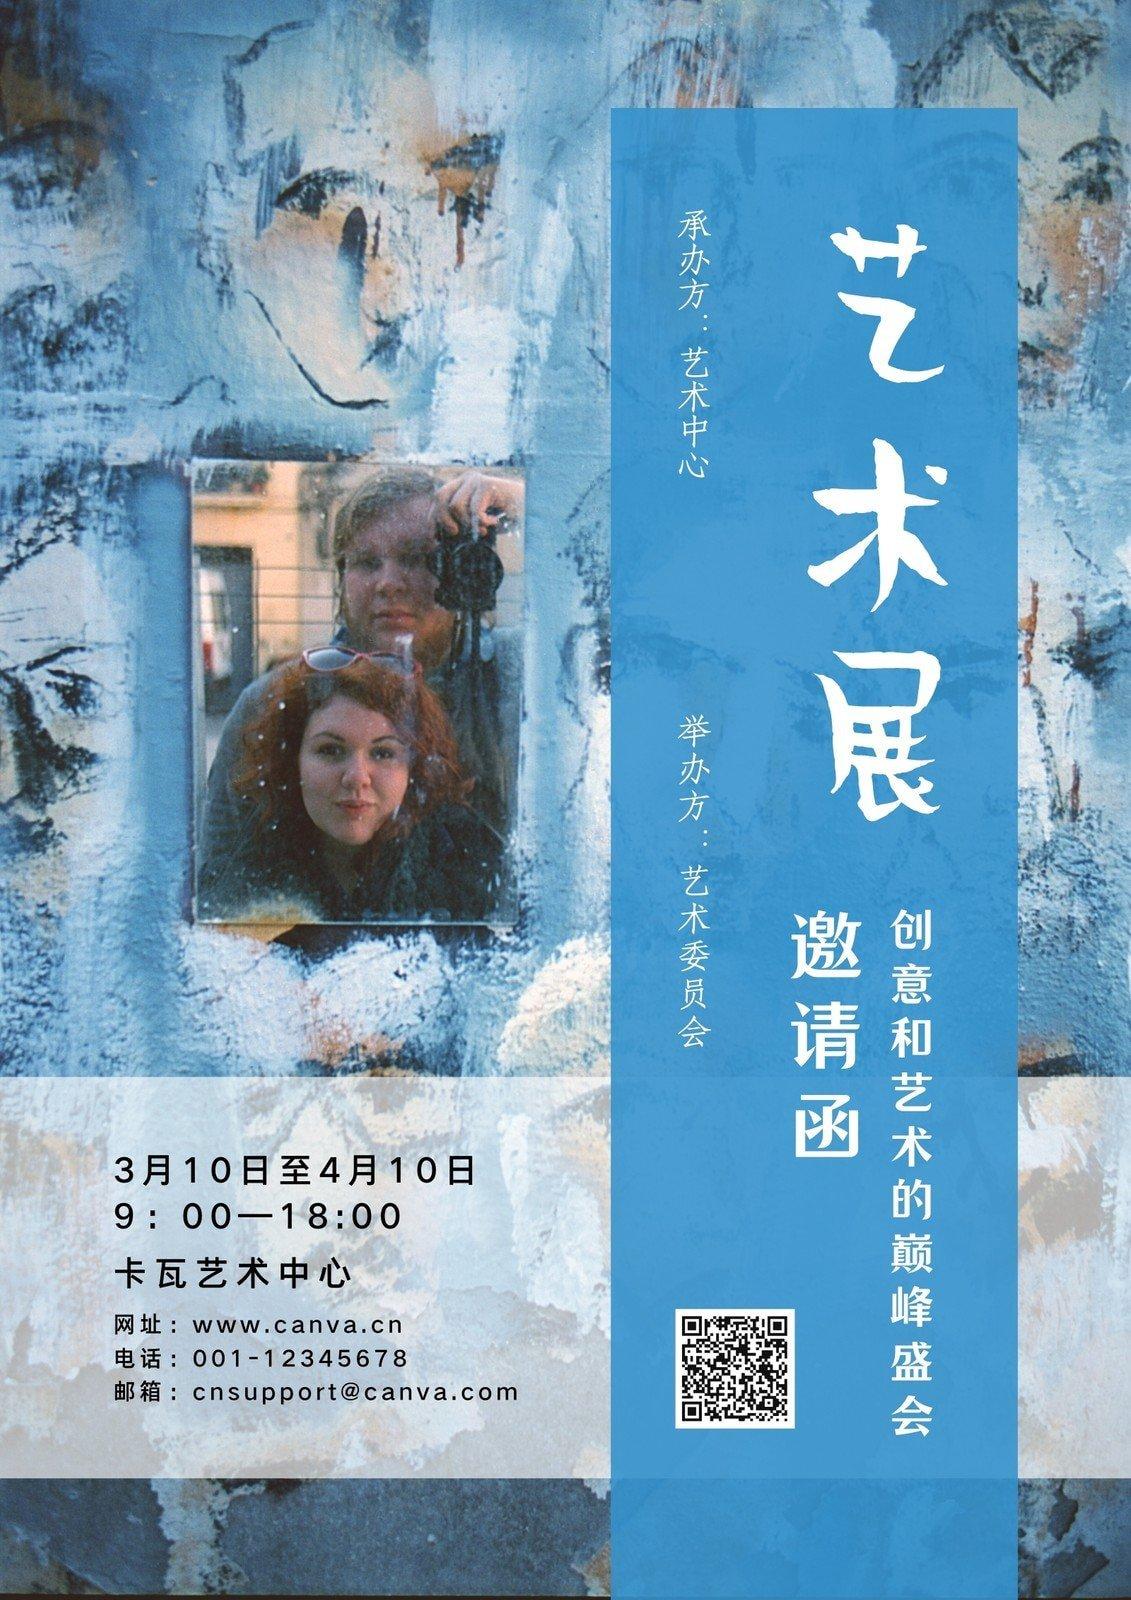 白蓝色摄影人物活动邀请中文海报